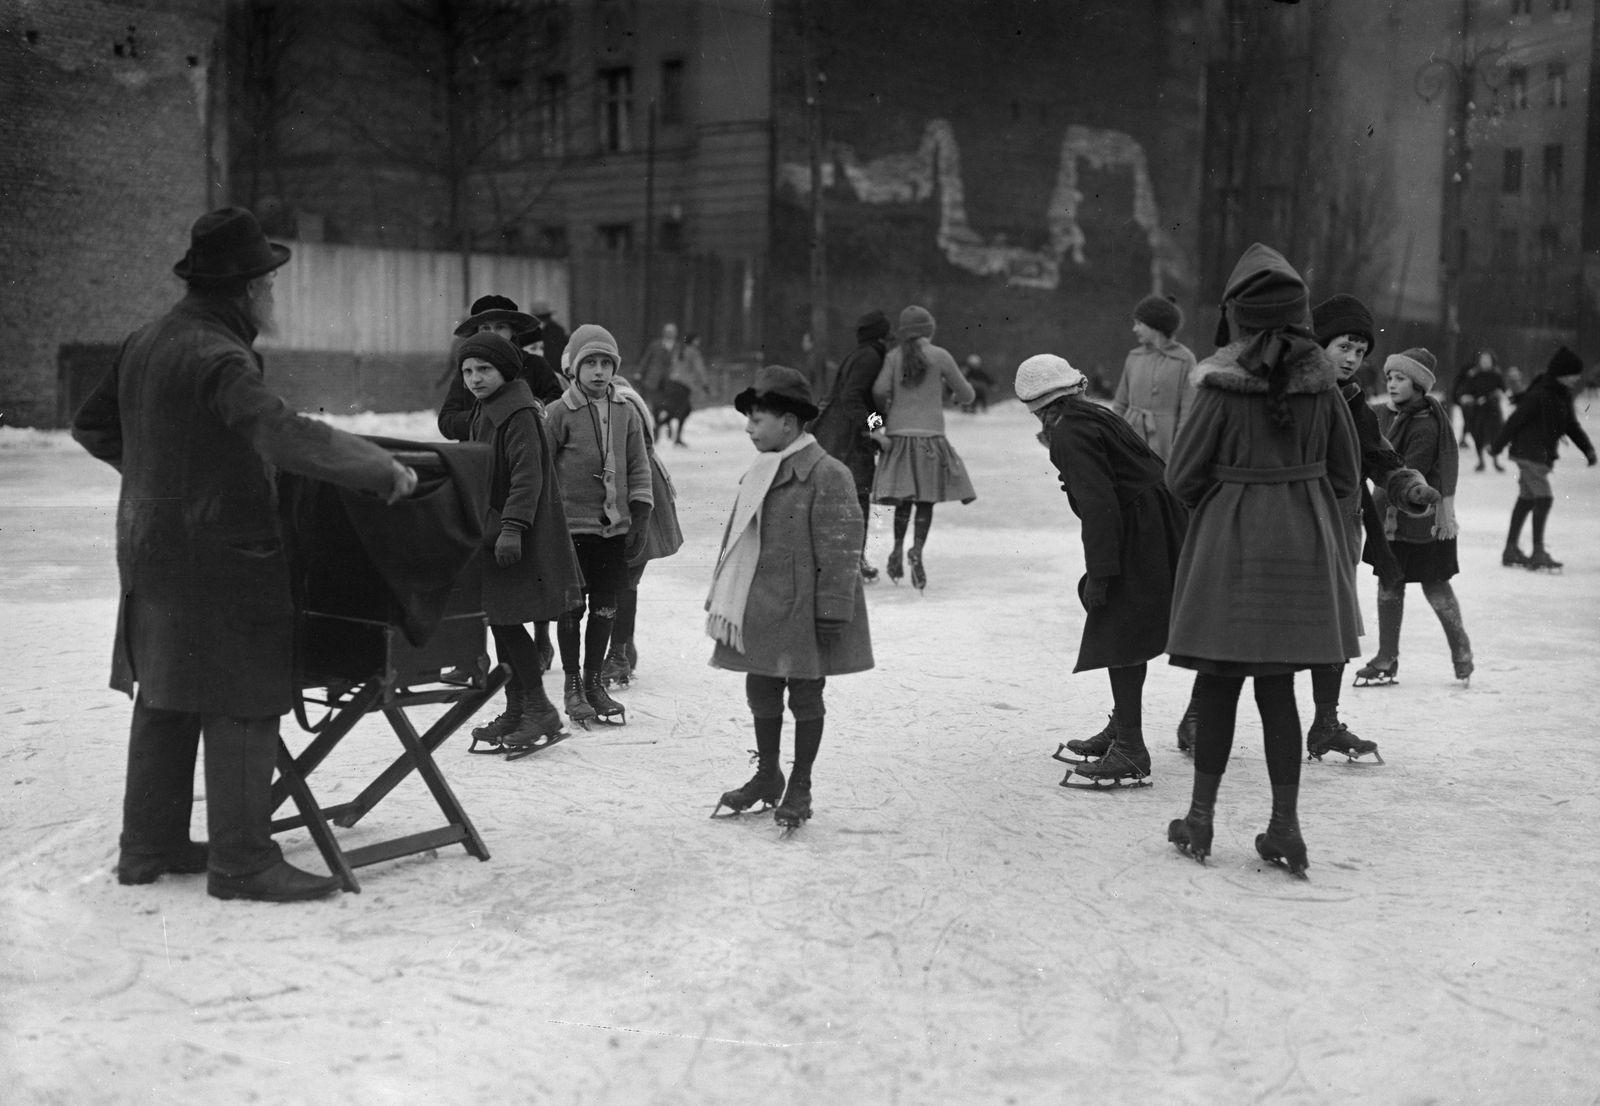 Althergebrachte Leierkastenmusik beim Schlittschuhlaufen, 1912 © bpk / Kunstbibliothek, SMB / Willy Römer